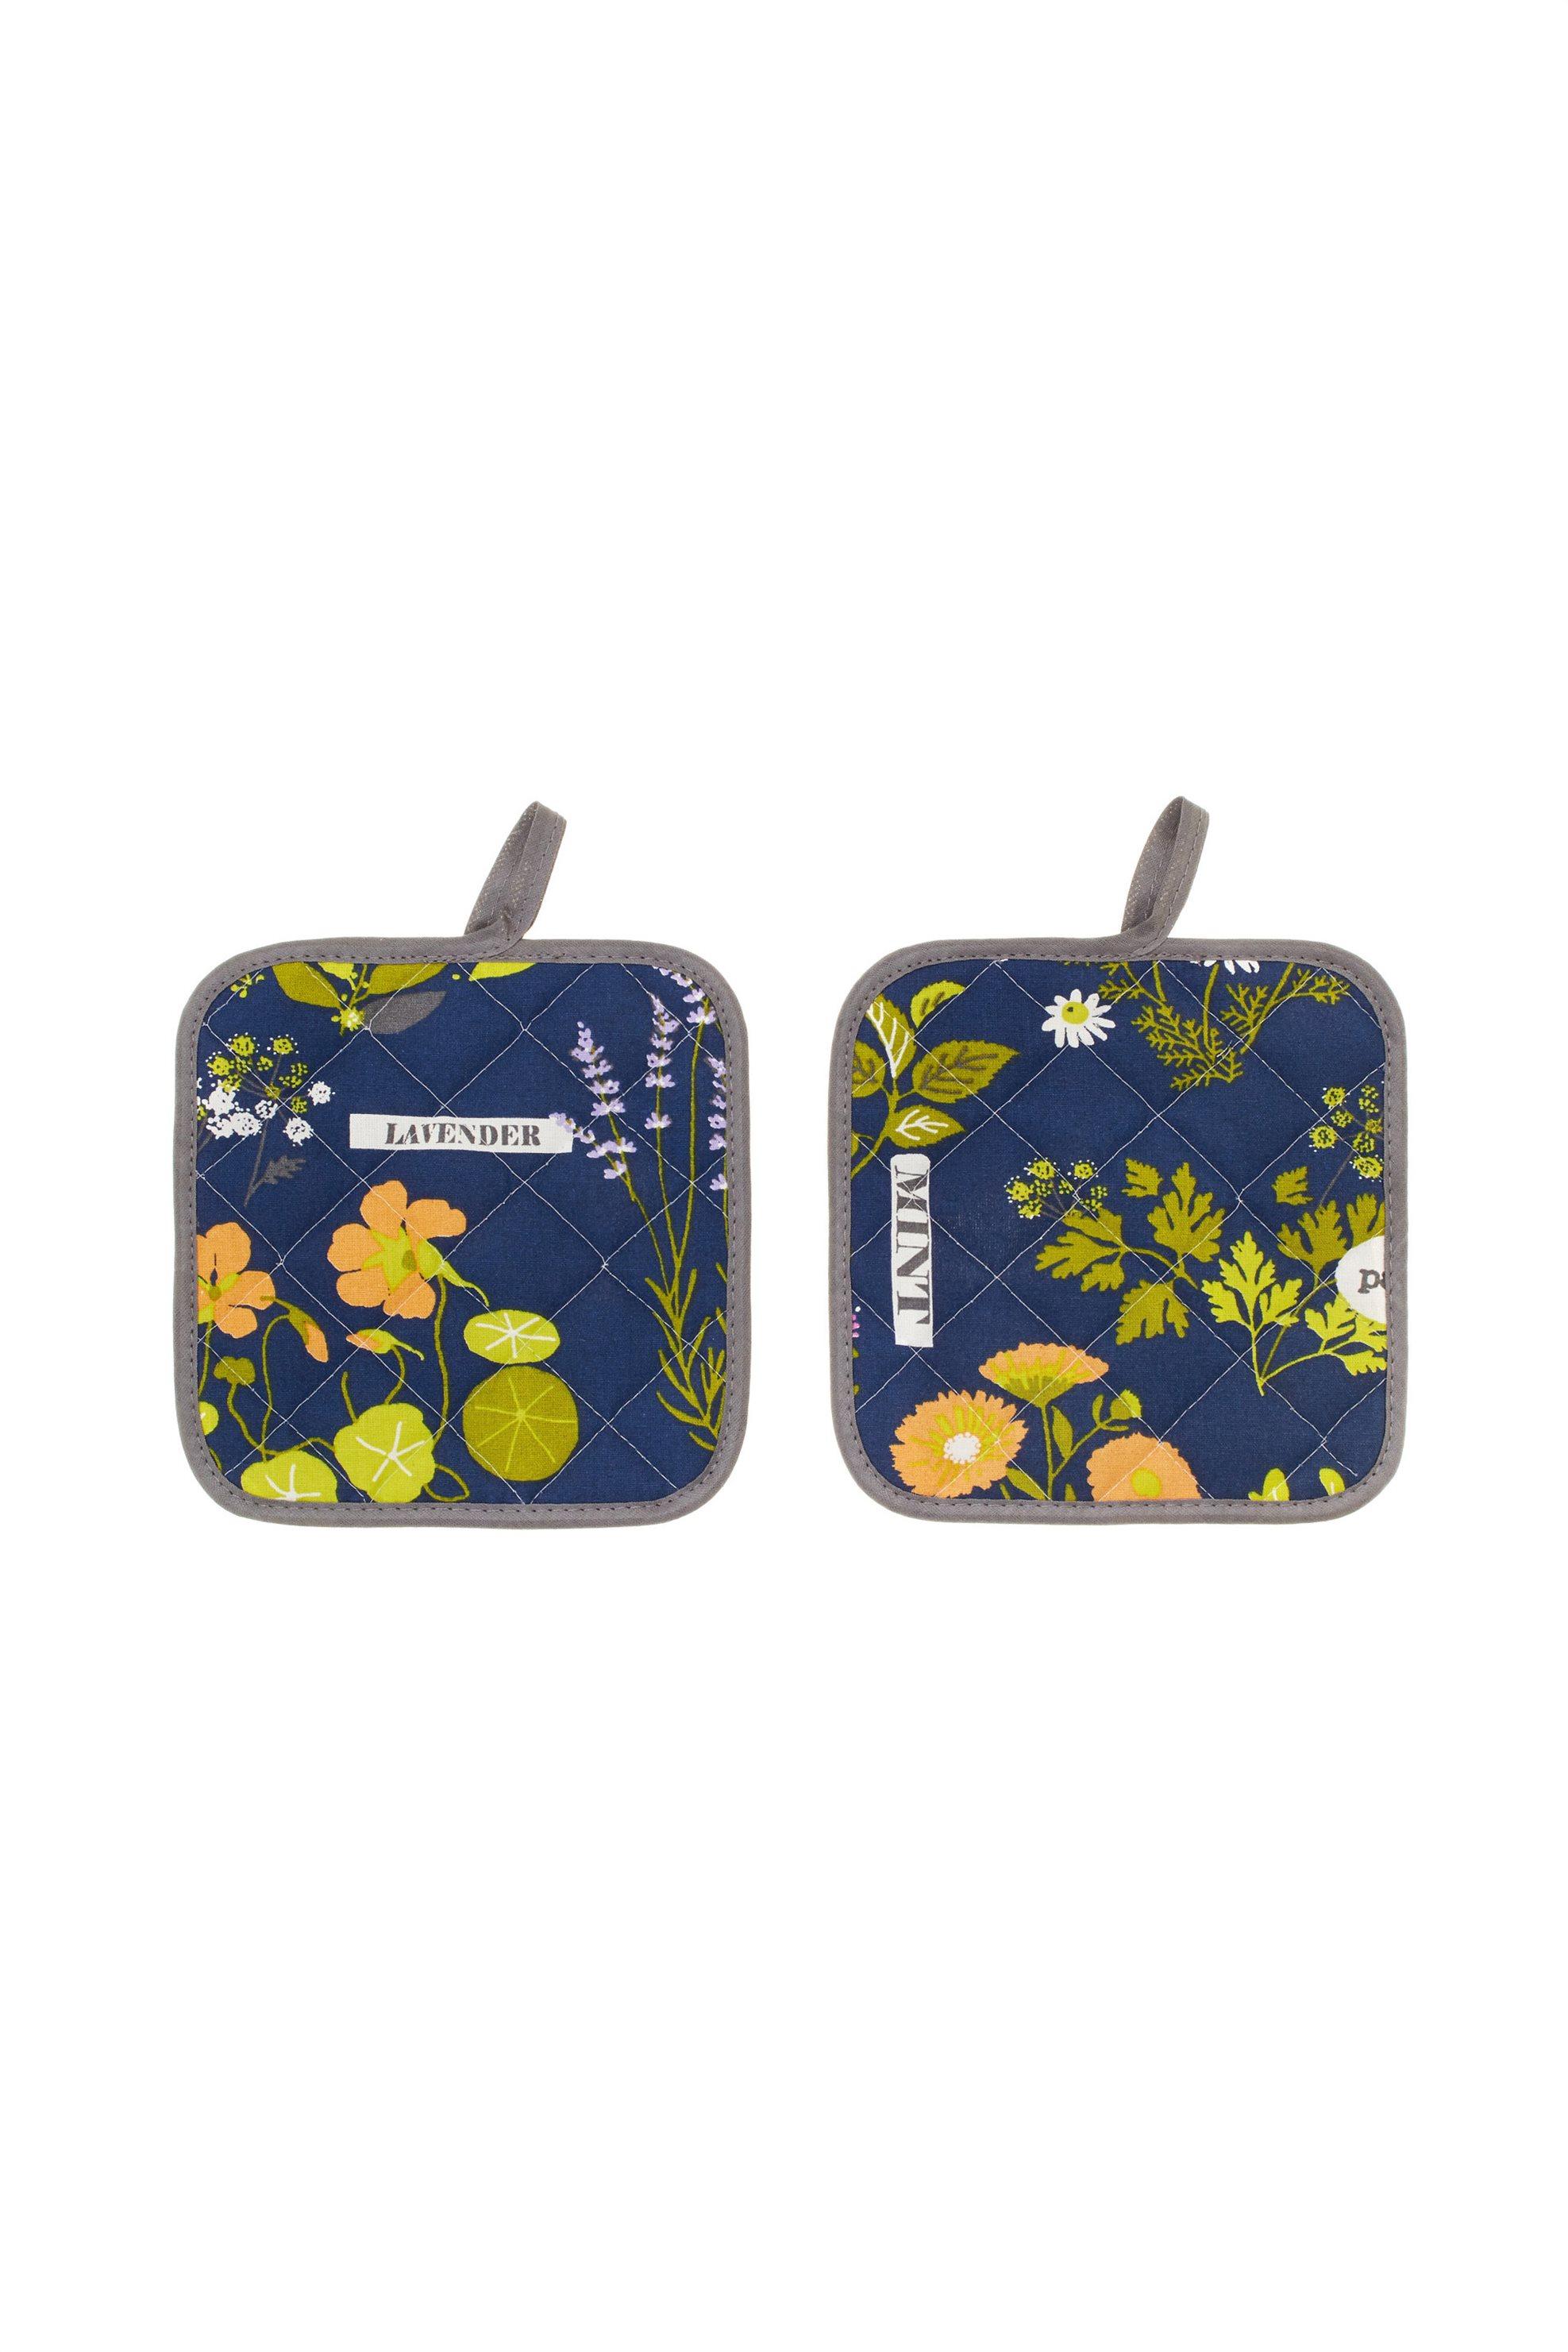 Σετ πιάστρες κουζίνας με σχέδιο Herbariume 18 x 18 cm ( 2 τεμάχια) Coincasa - 00 home   κουζινα   αξεσουάρ kουζίνας   γάντια   πιάστρες κουζίνας